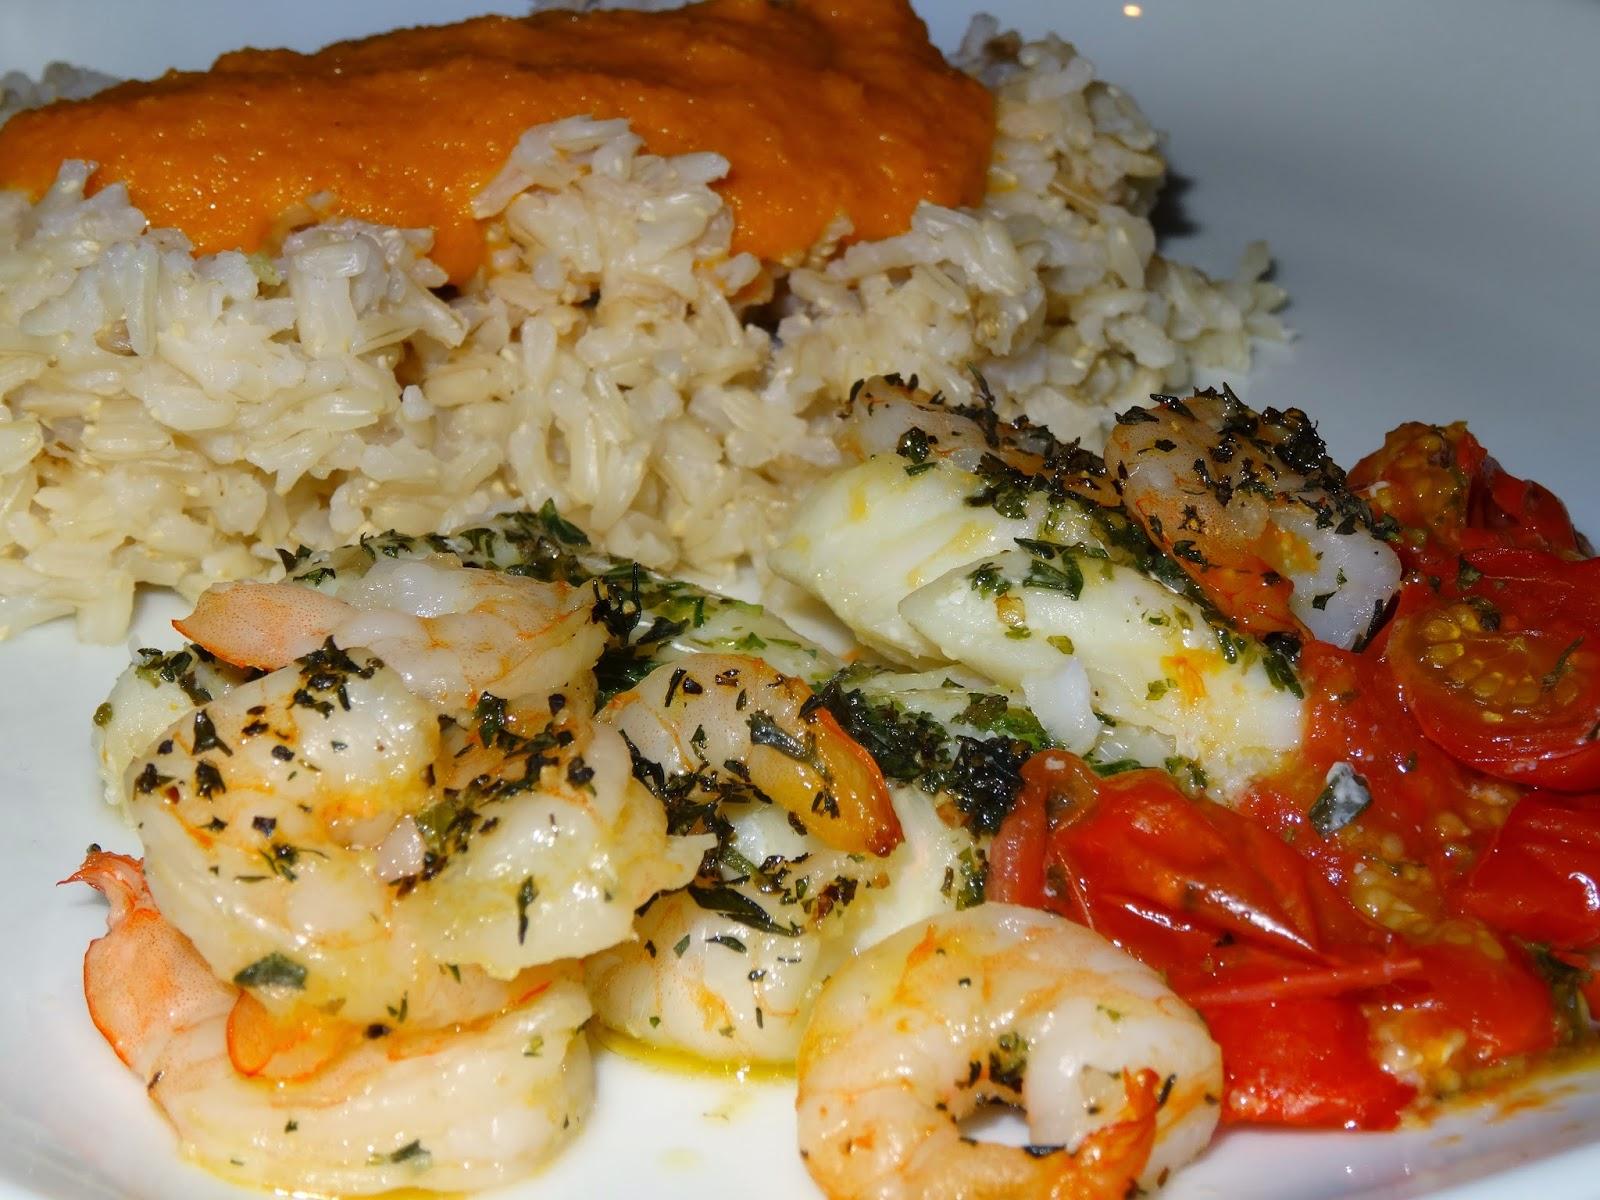 Verden ifølge Krog: Opskrift: Torsk og rejer i tomatfad, med ris og karrysovs